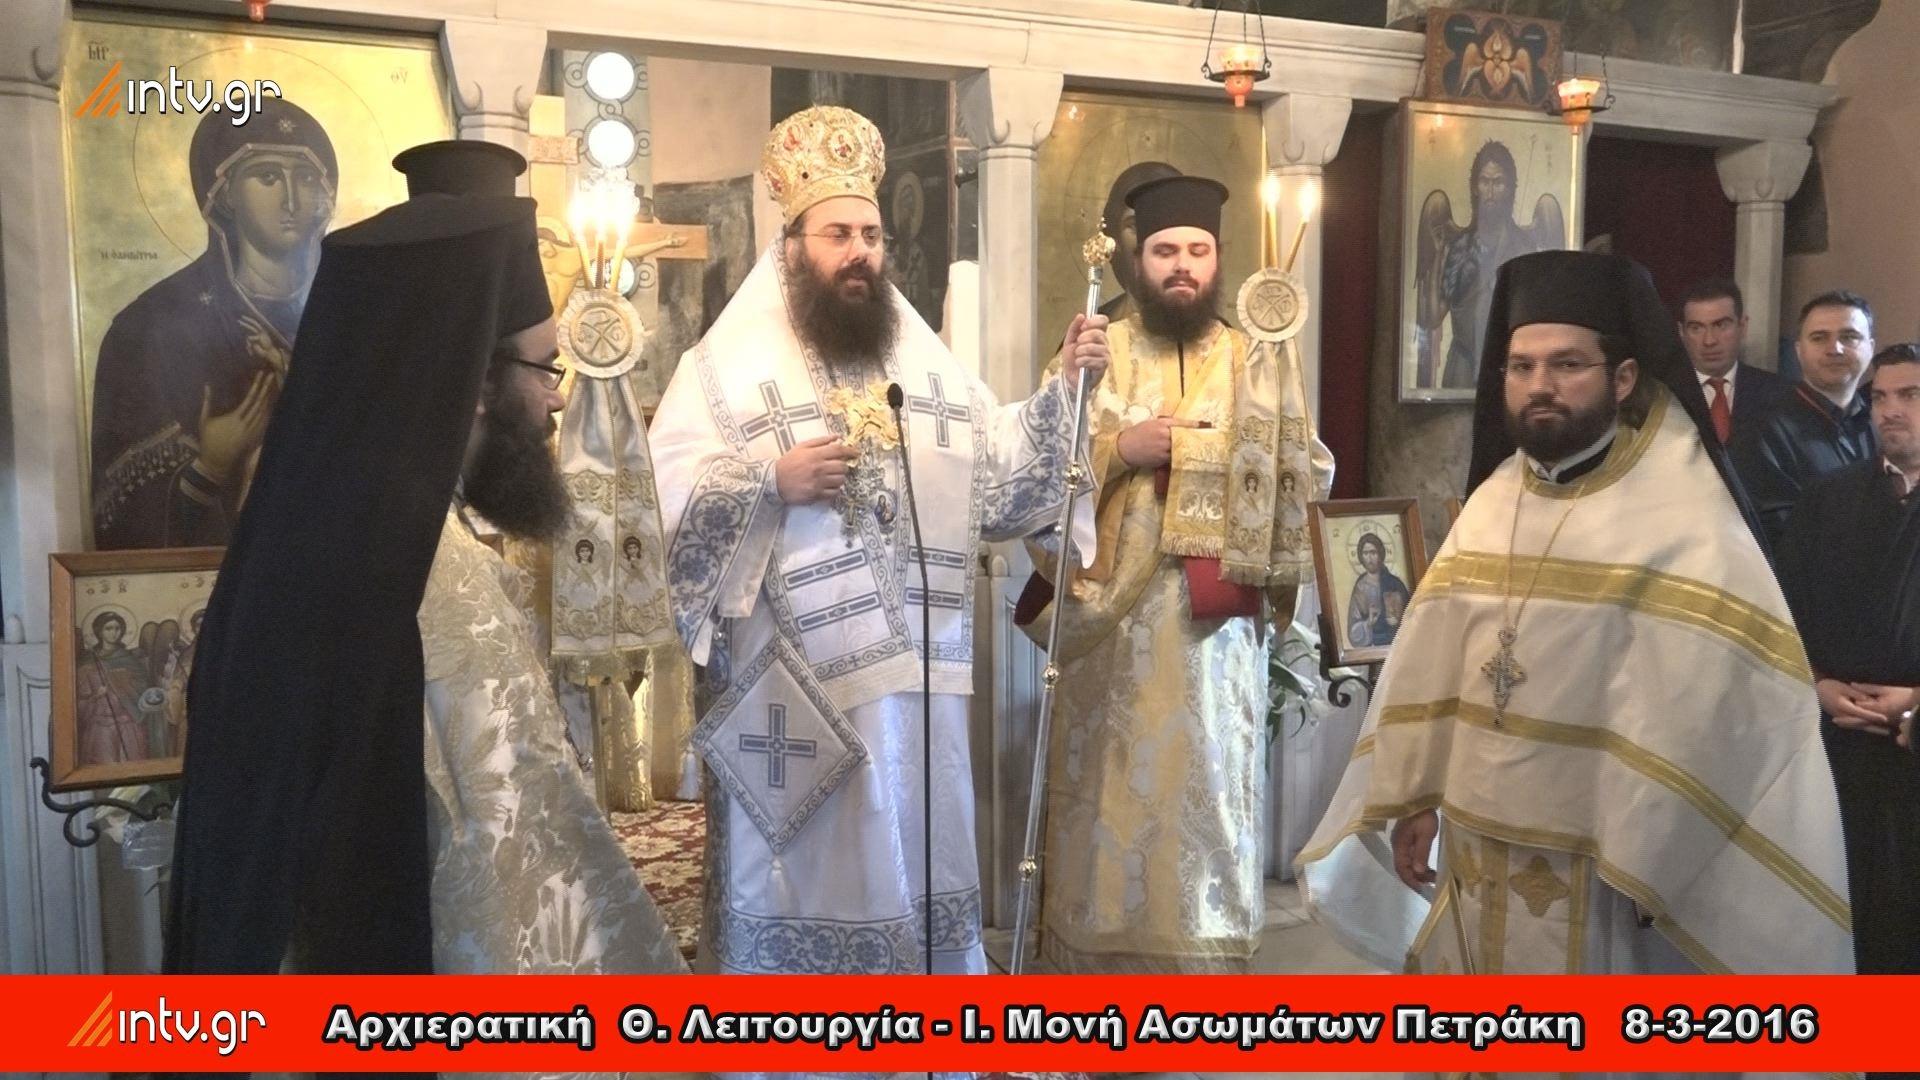 Αρχιερατική  Θ. Λειτουργία - Ι. Μονή Ασωμάτων Πετράκη